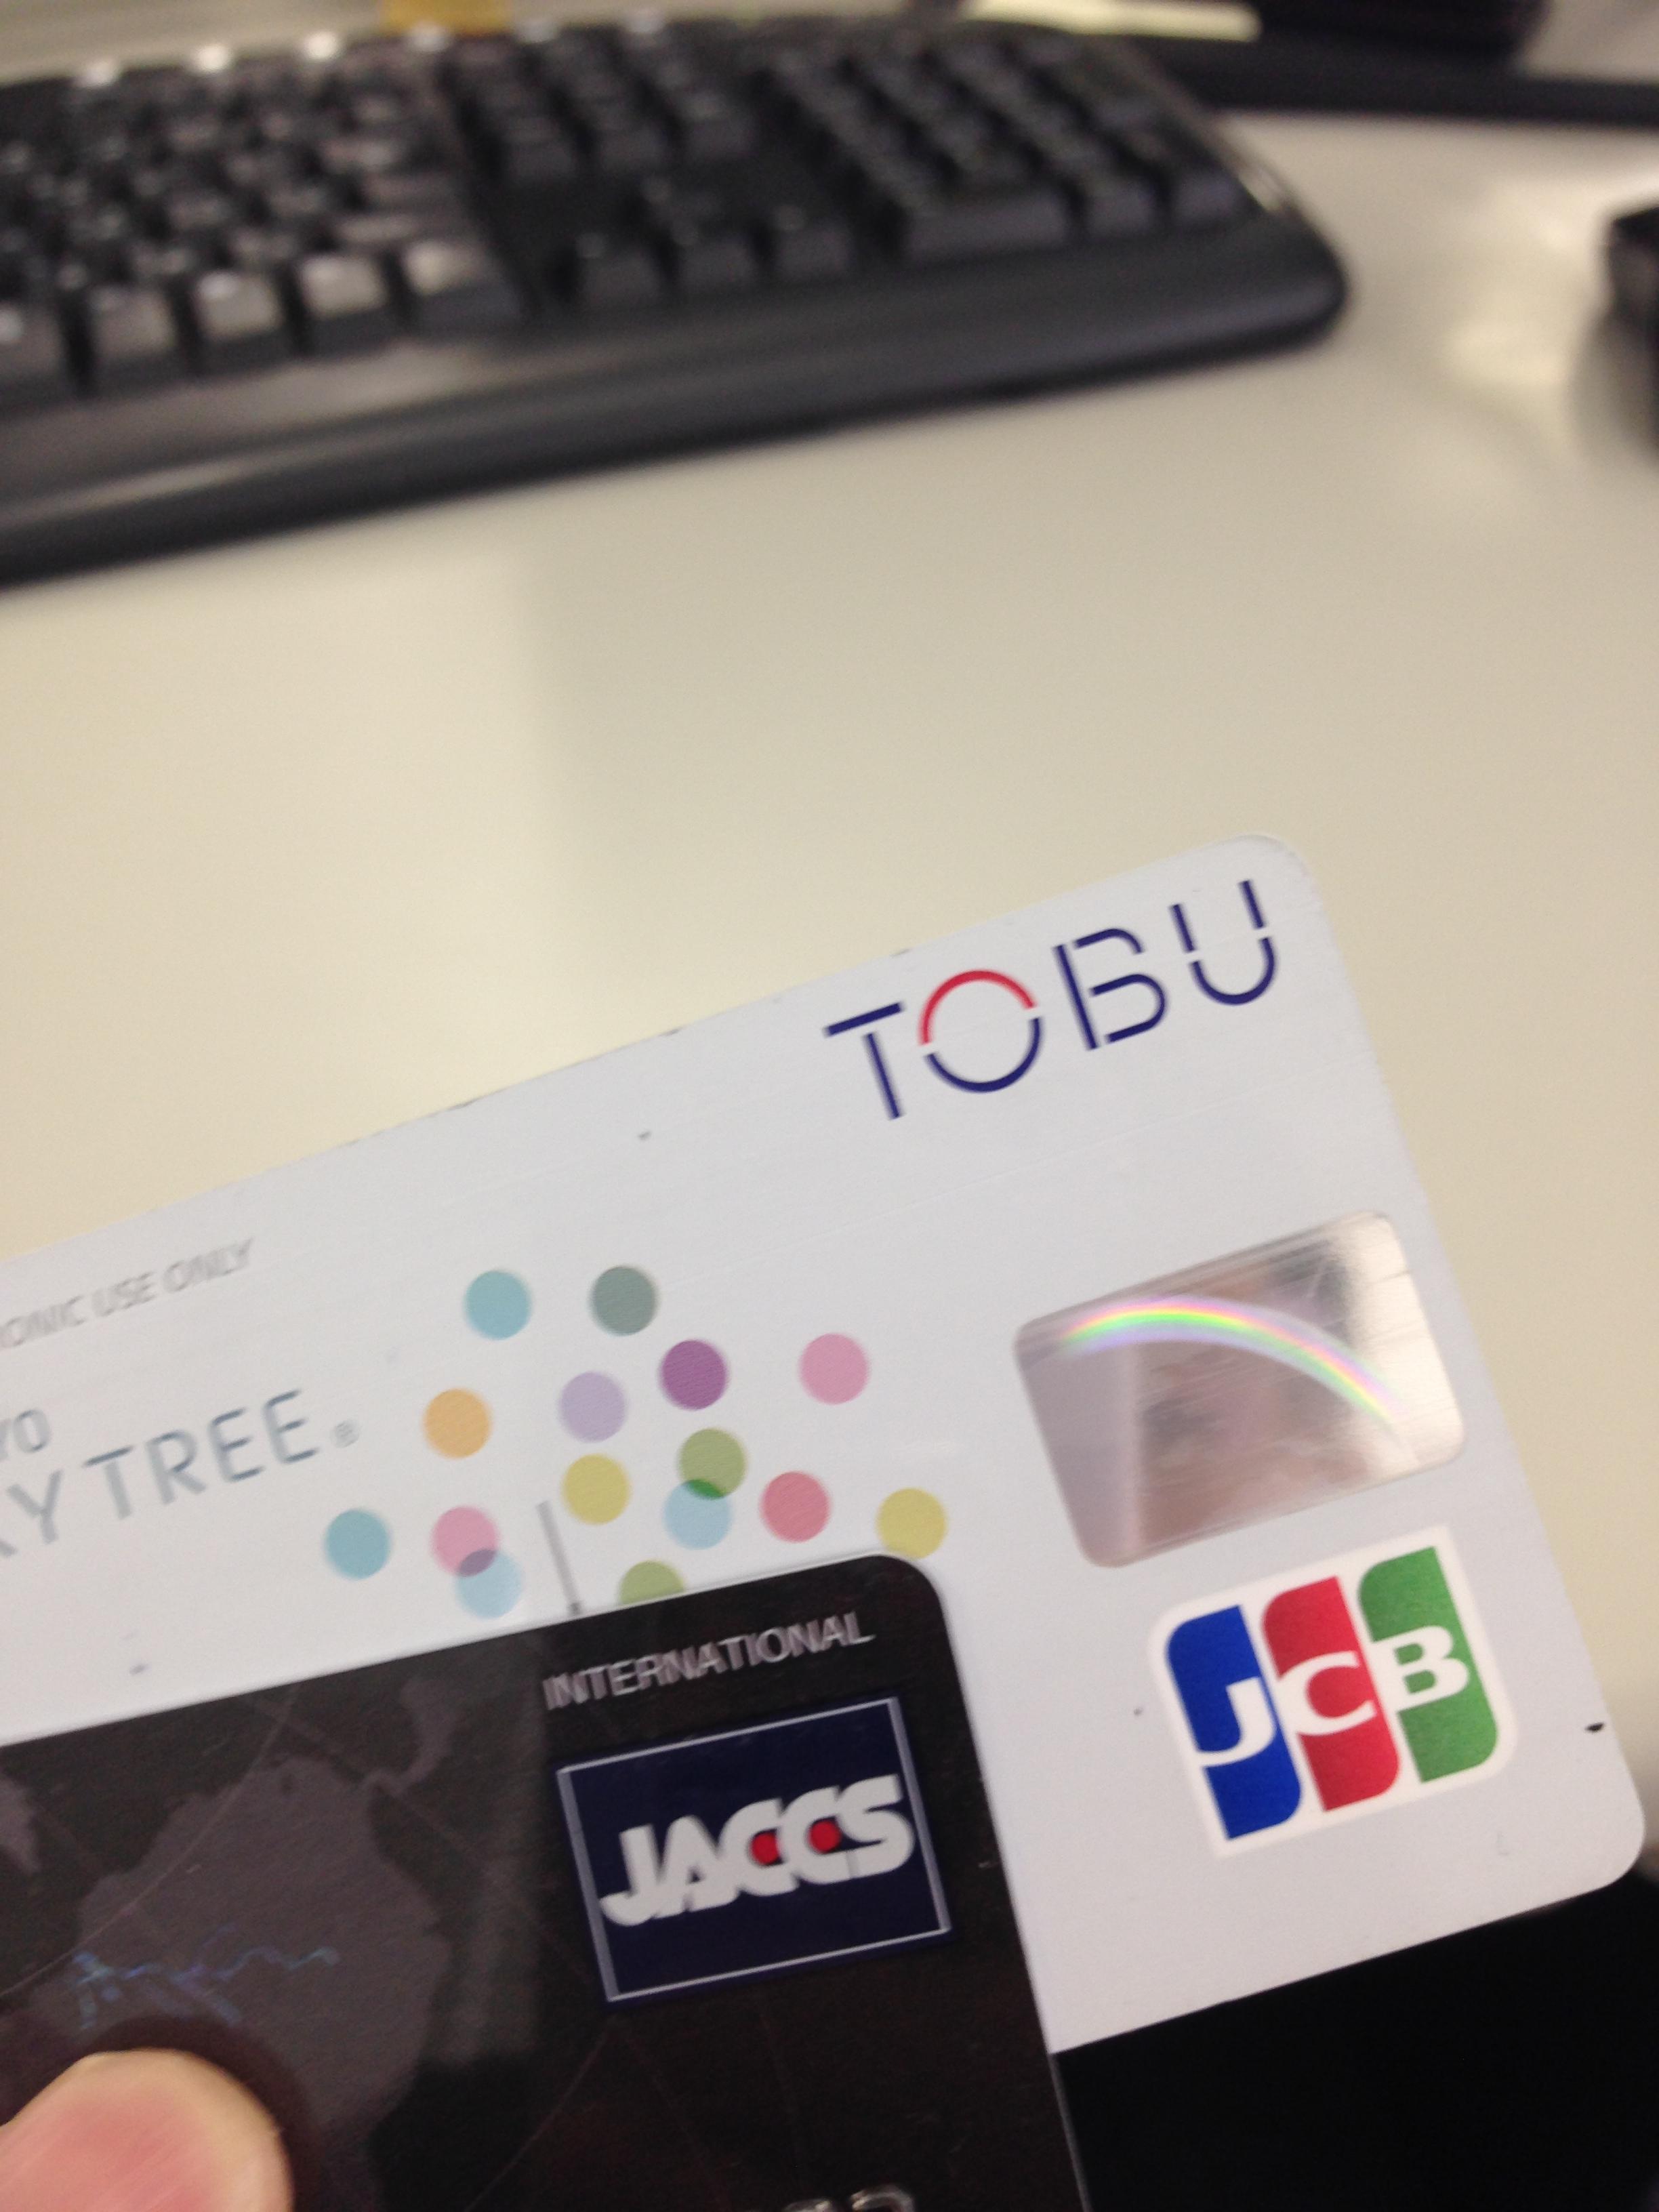 クレジットカード会社から『フリーケア・プログラム』の案内がきたので加入してみた。